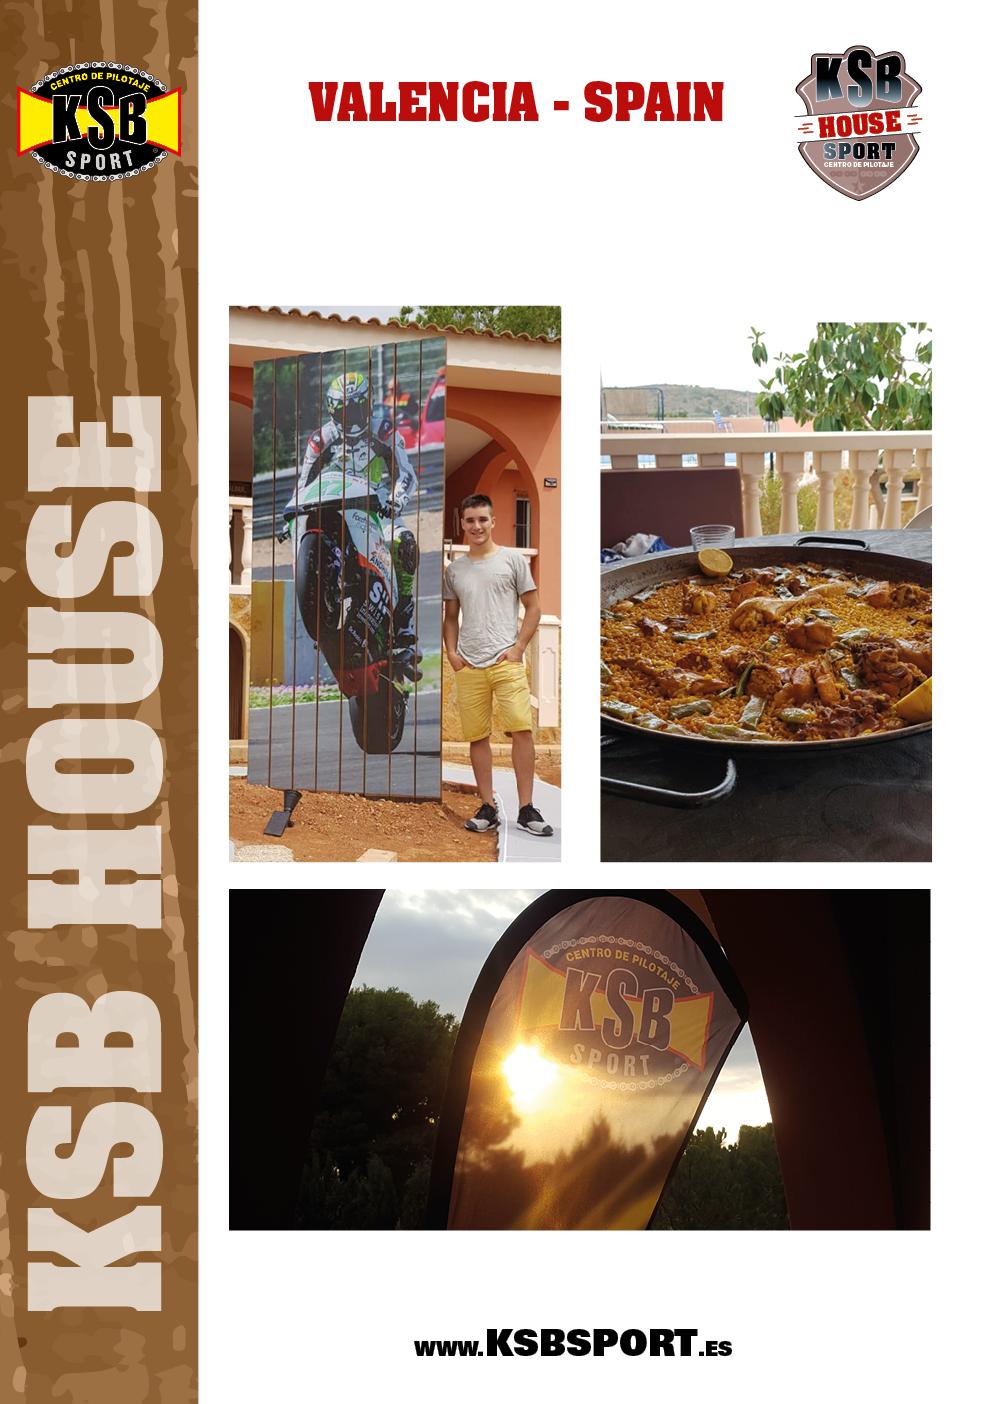 ksb_house_dossier6